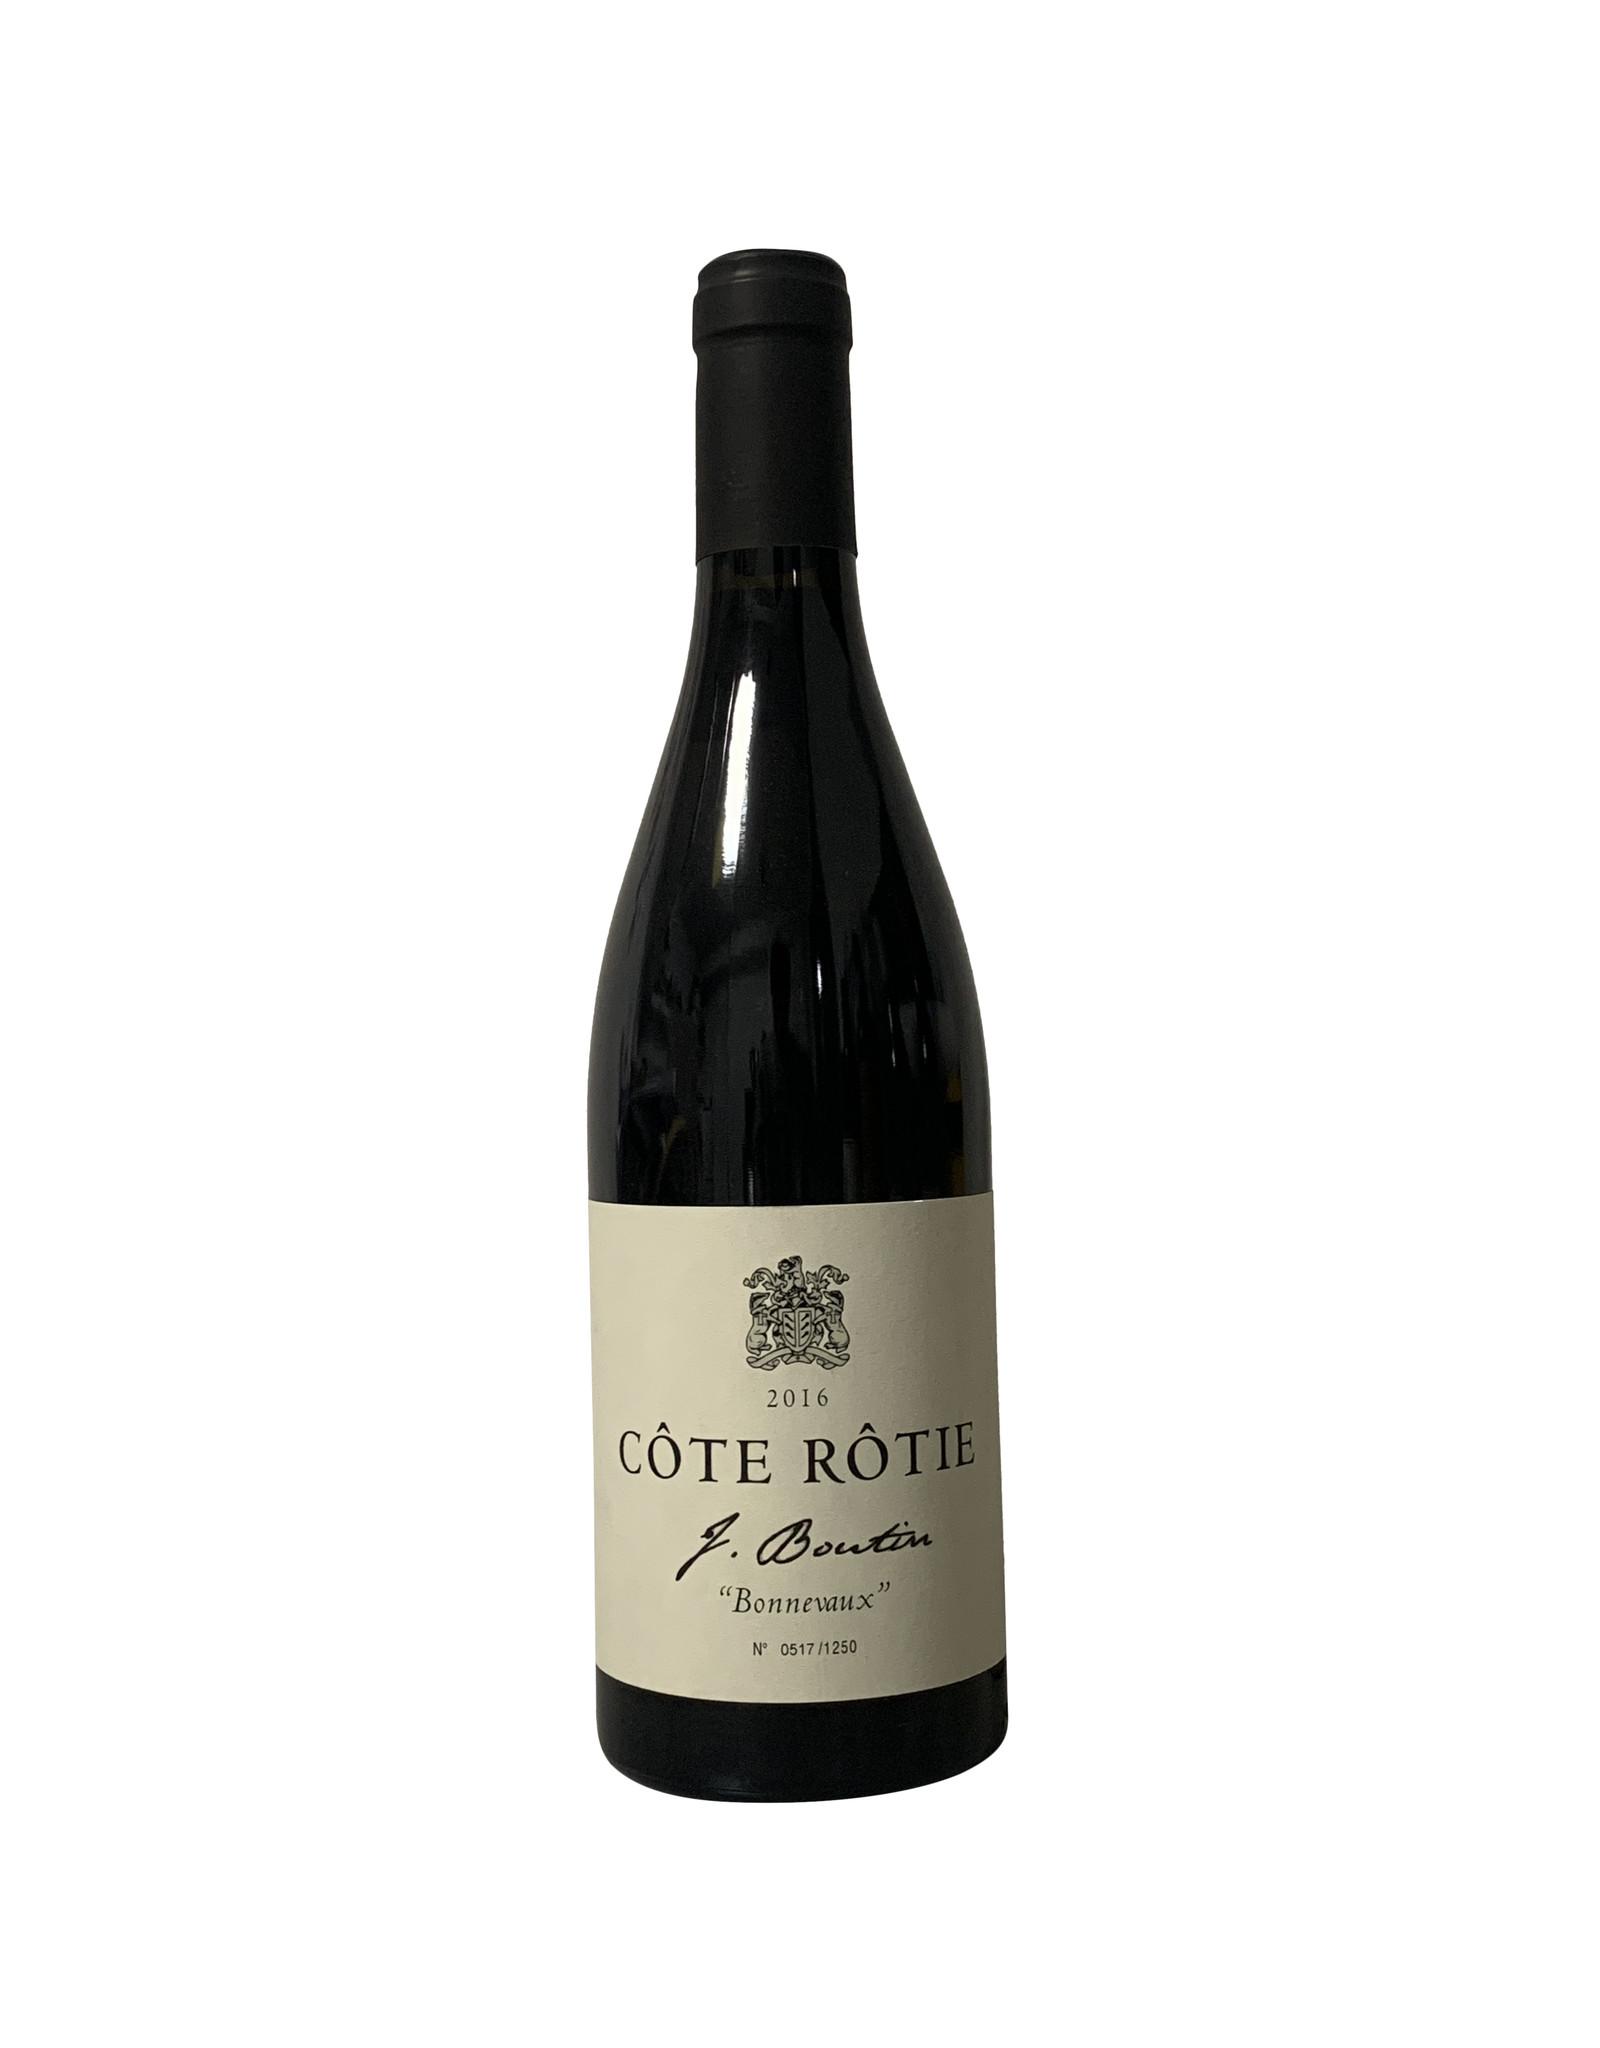 """J. Boutin J. Boutin Côte Rotie """"Bonnevaux"""" 2016, Rhone, France (750mL)"""